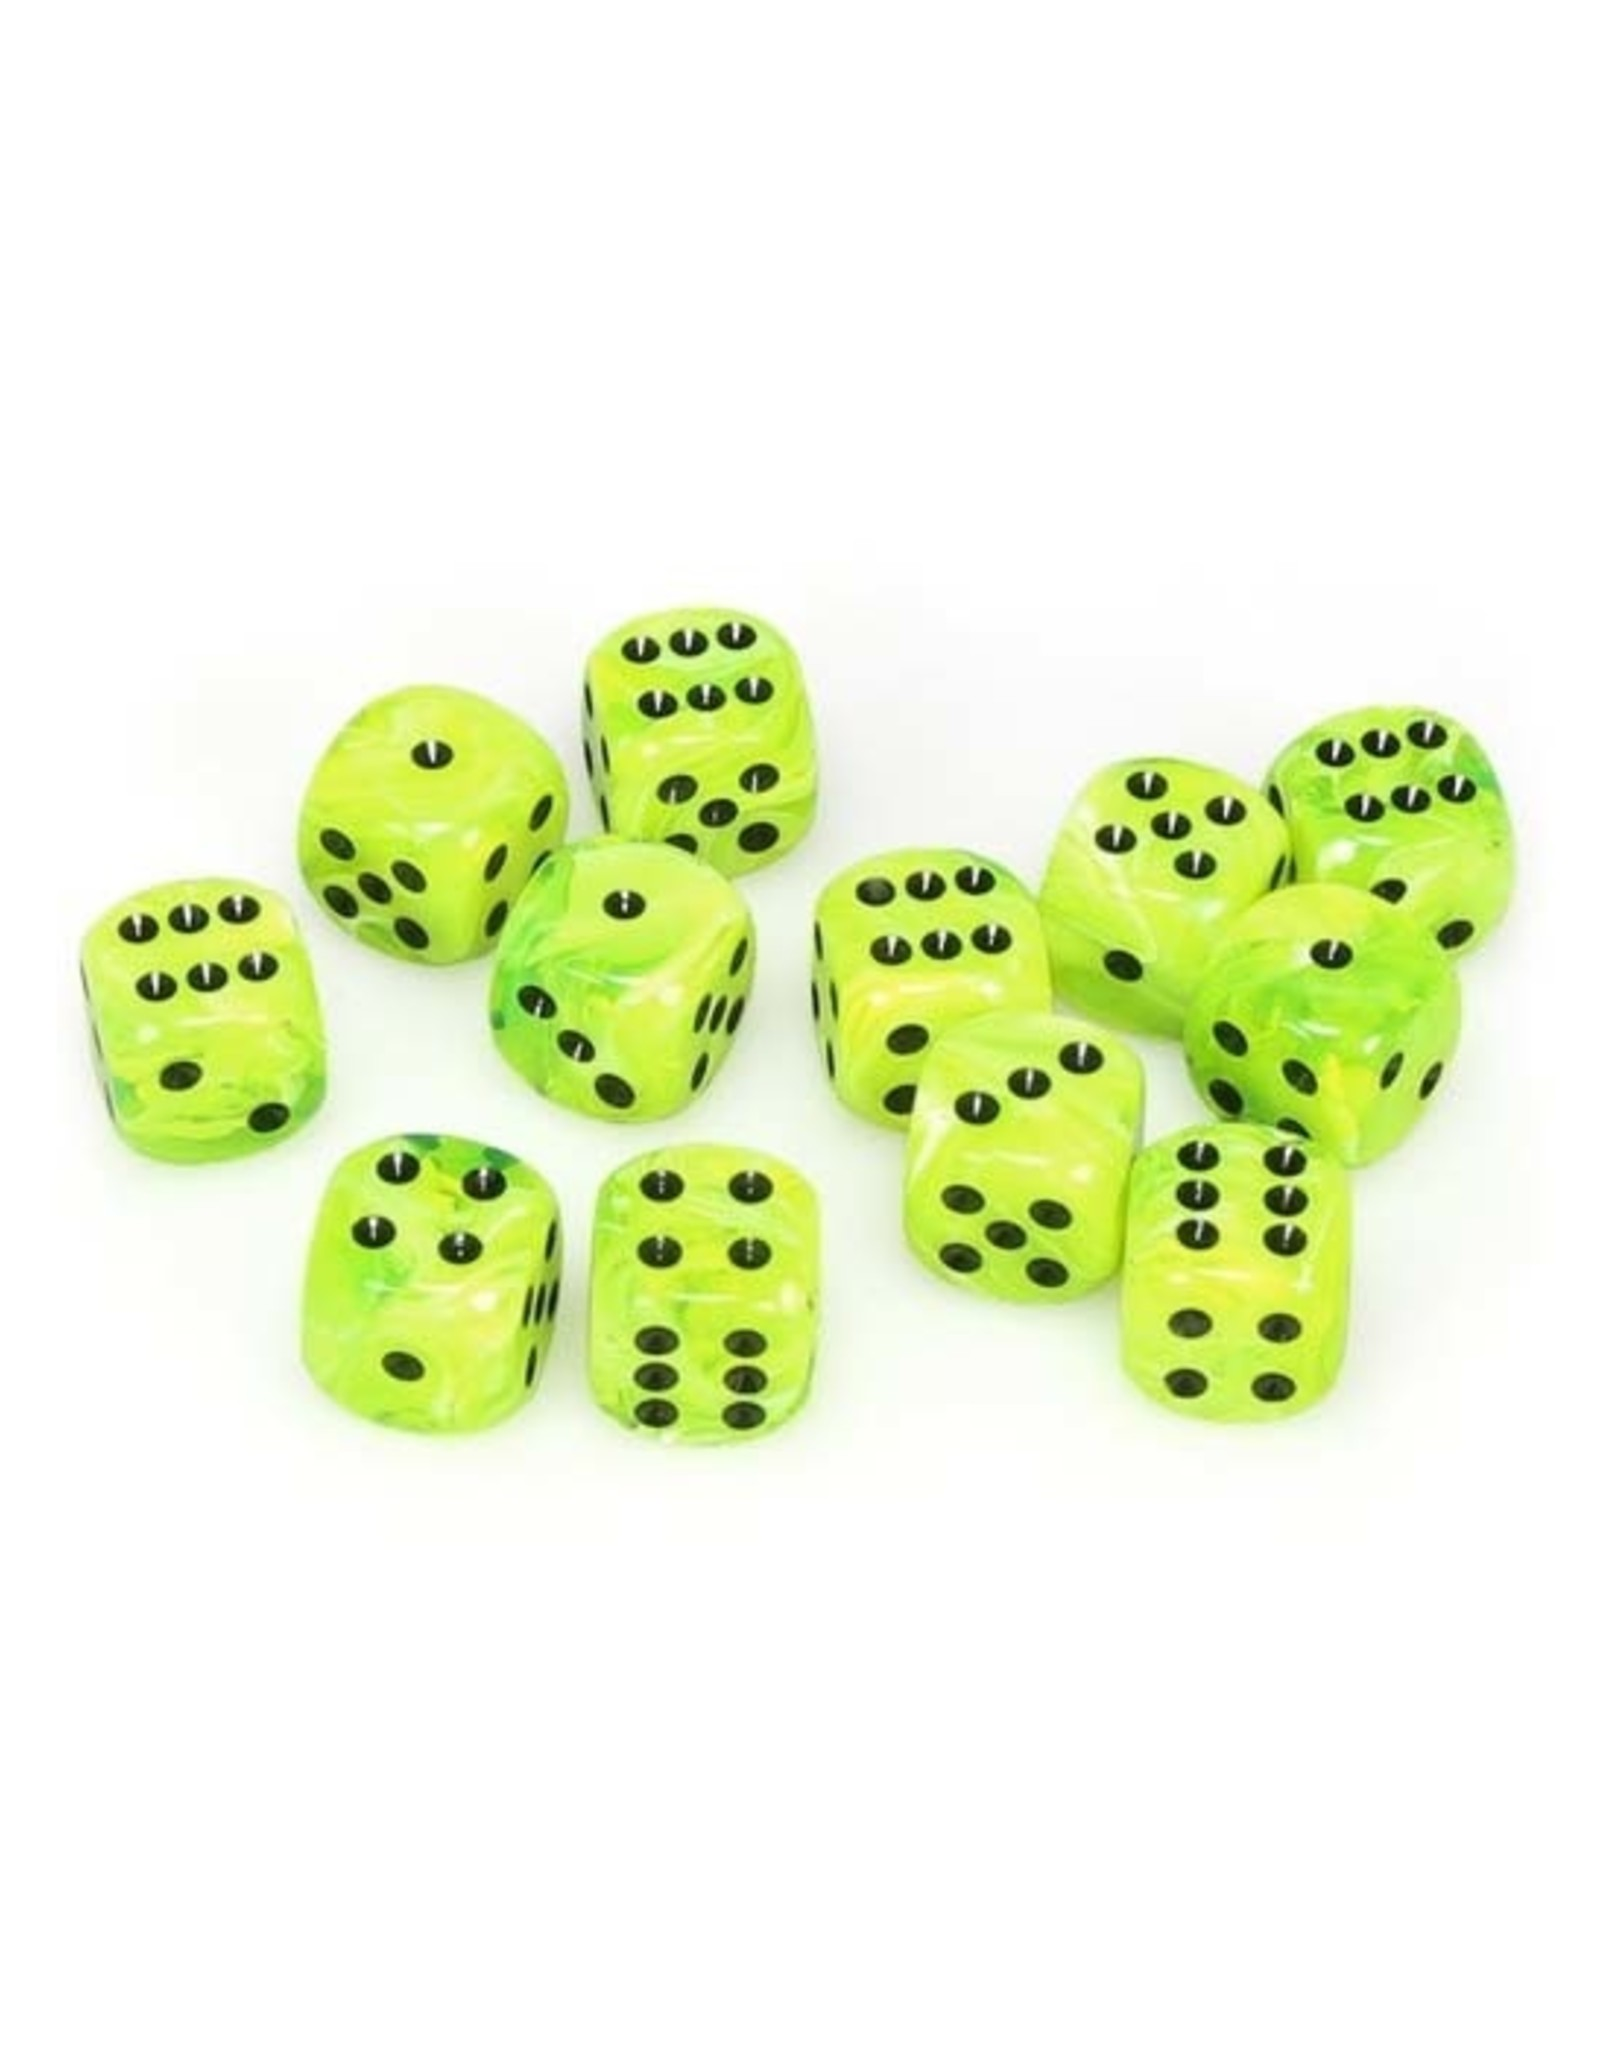 Chessex Chessex: 16mm D6 - Vortex - Bright Green w/ Black